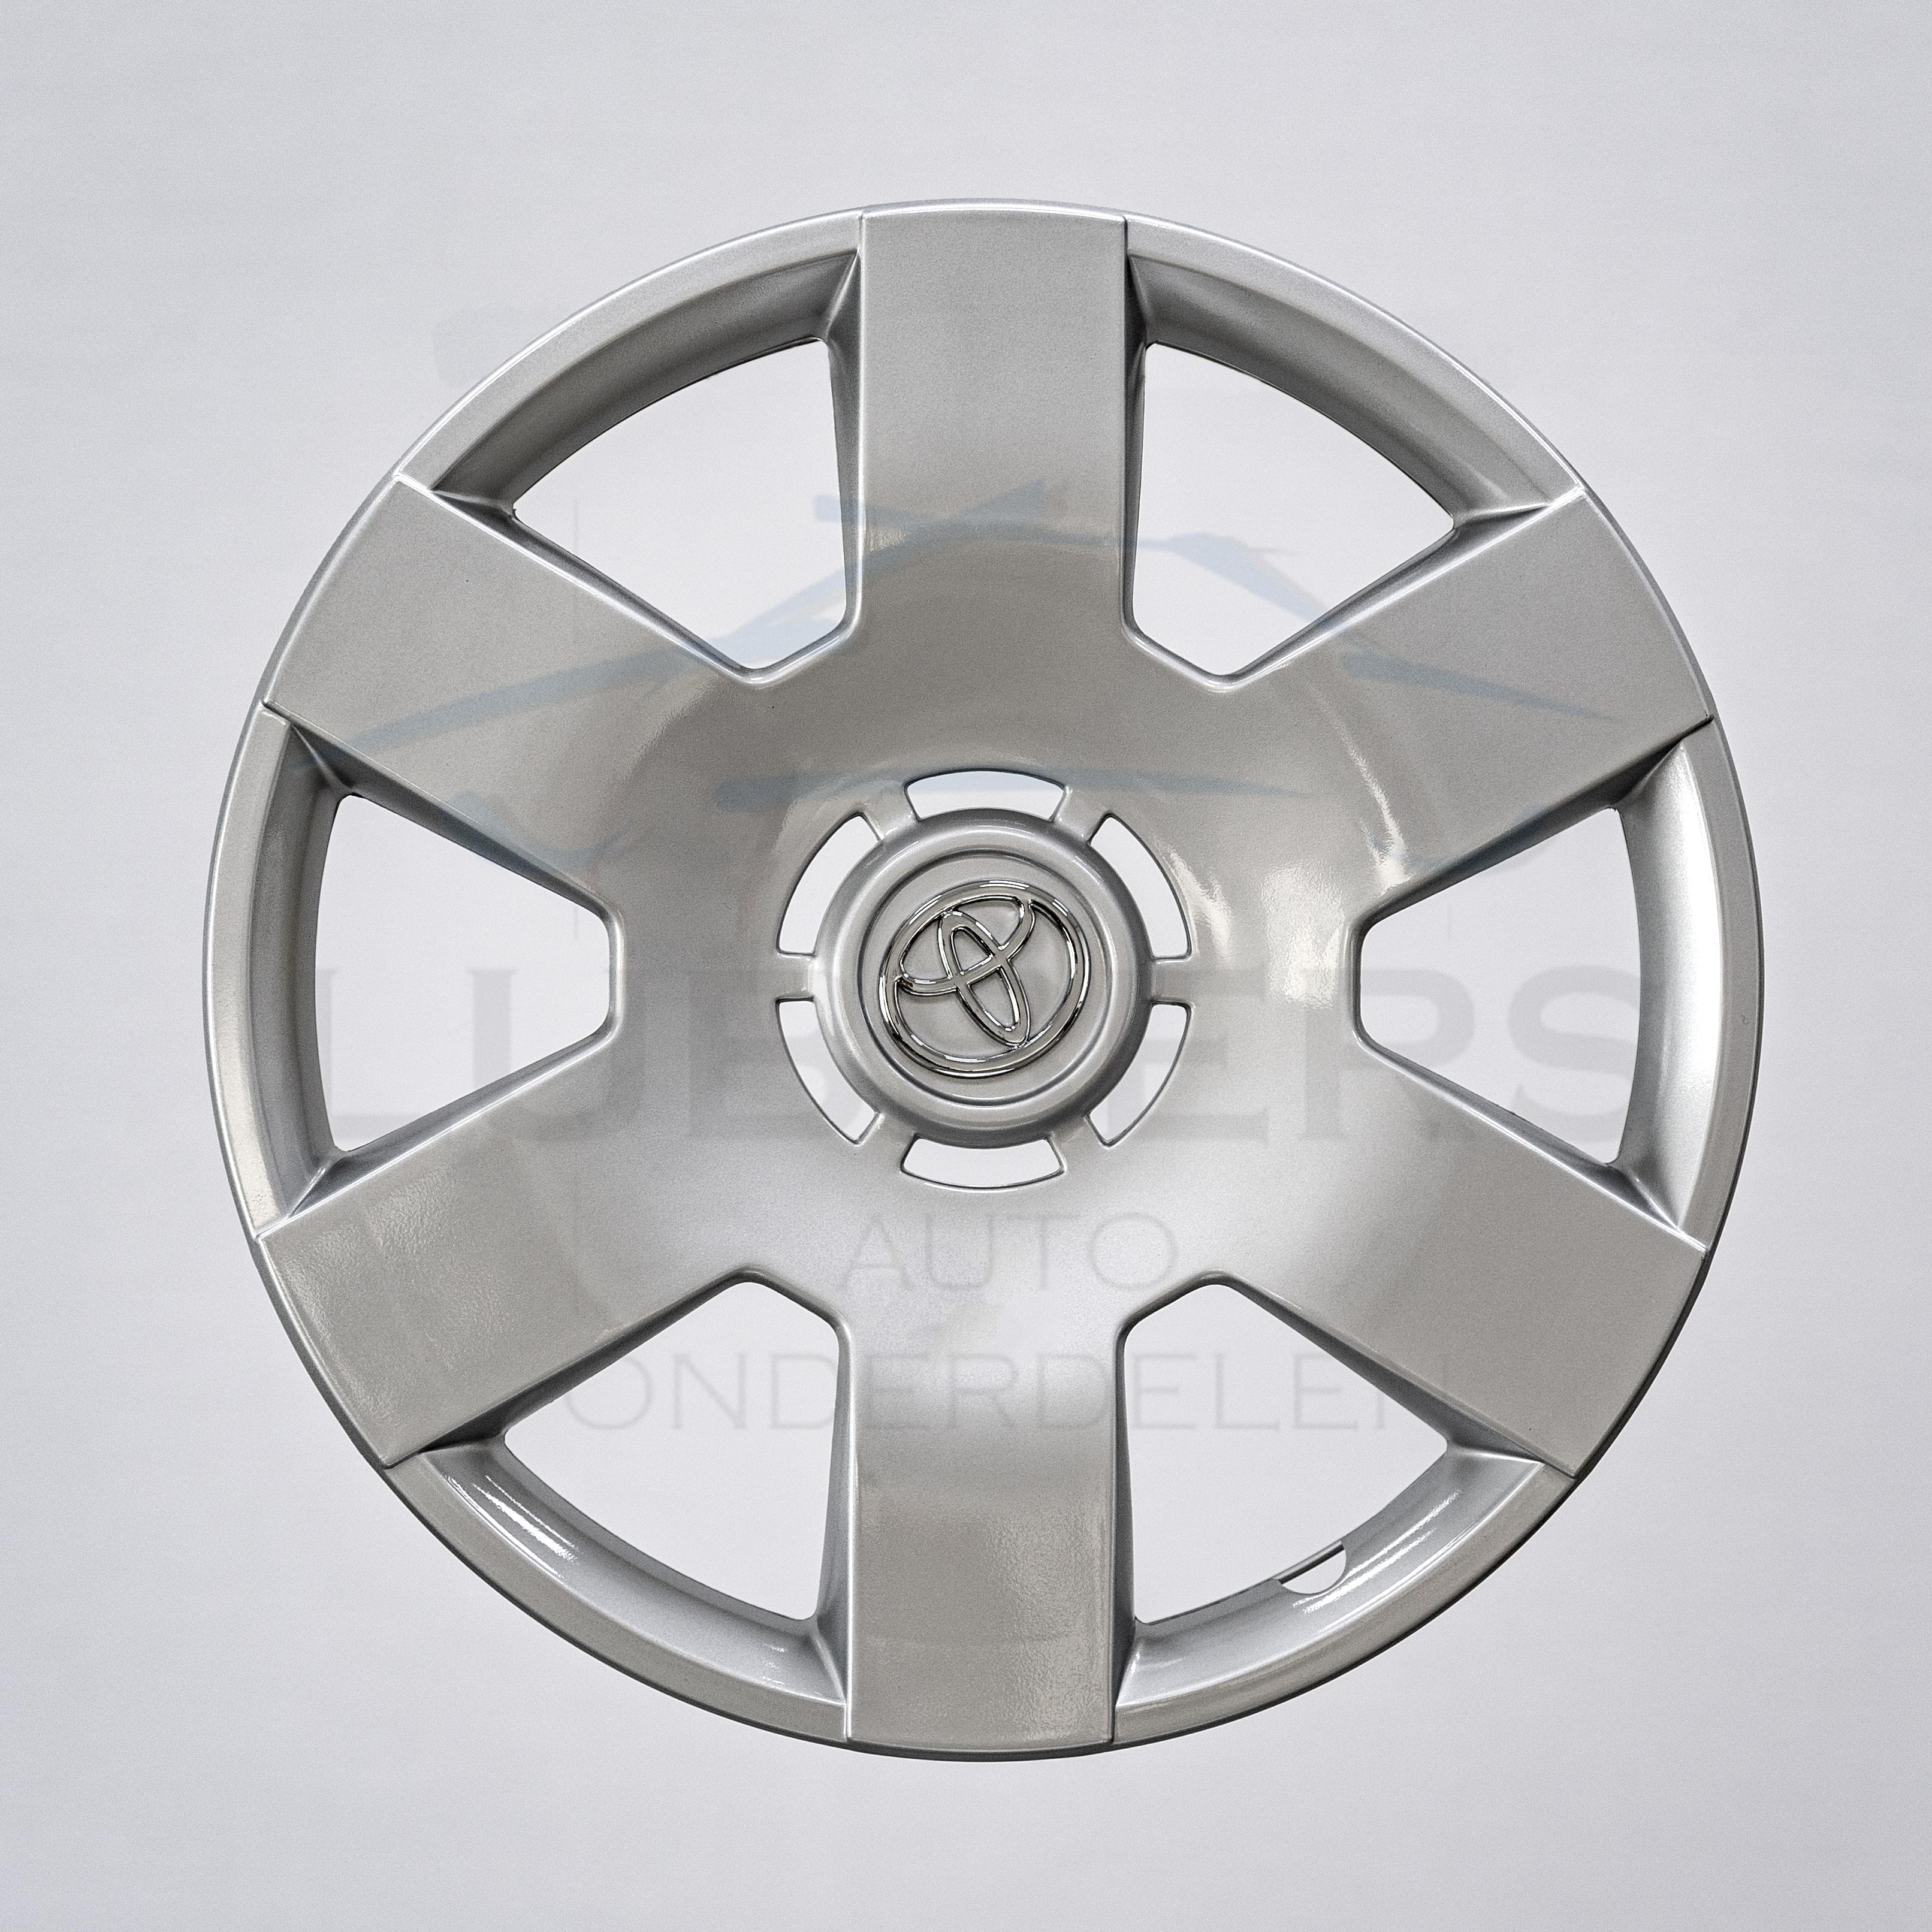 Nieuw Wieldop Toyota 14 inch (set) | Lubbers Auto-onderdelen b.v. QR-08